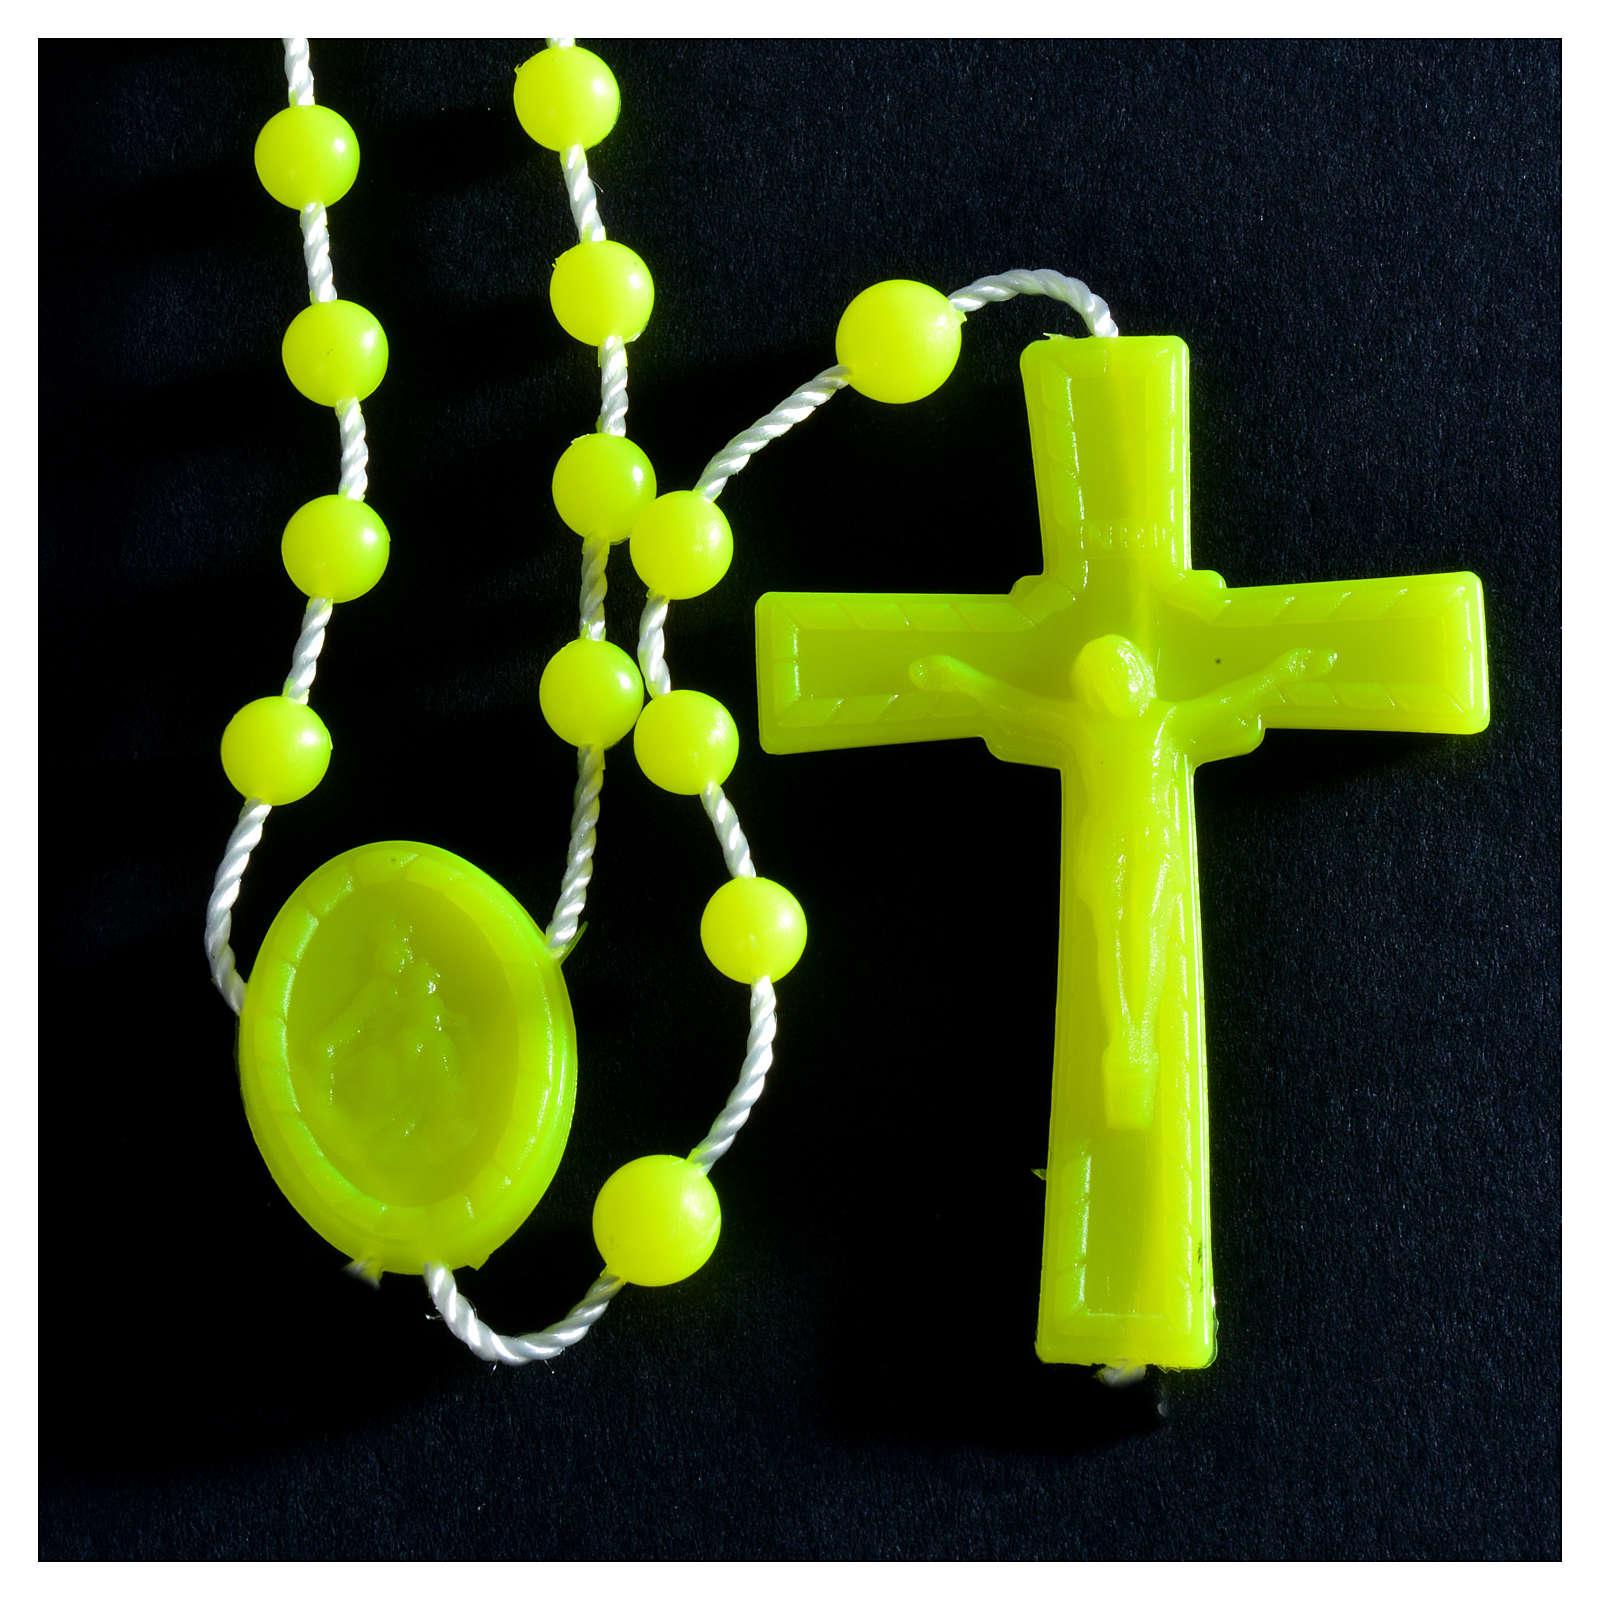 Chapelet nylon fluorescent jaune 4